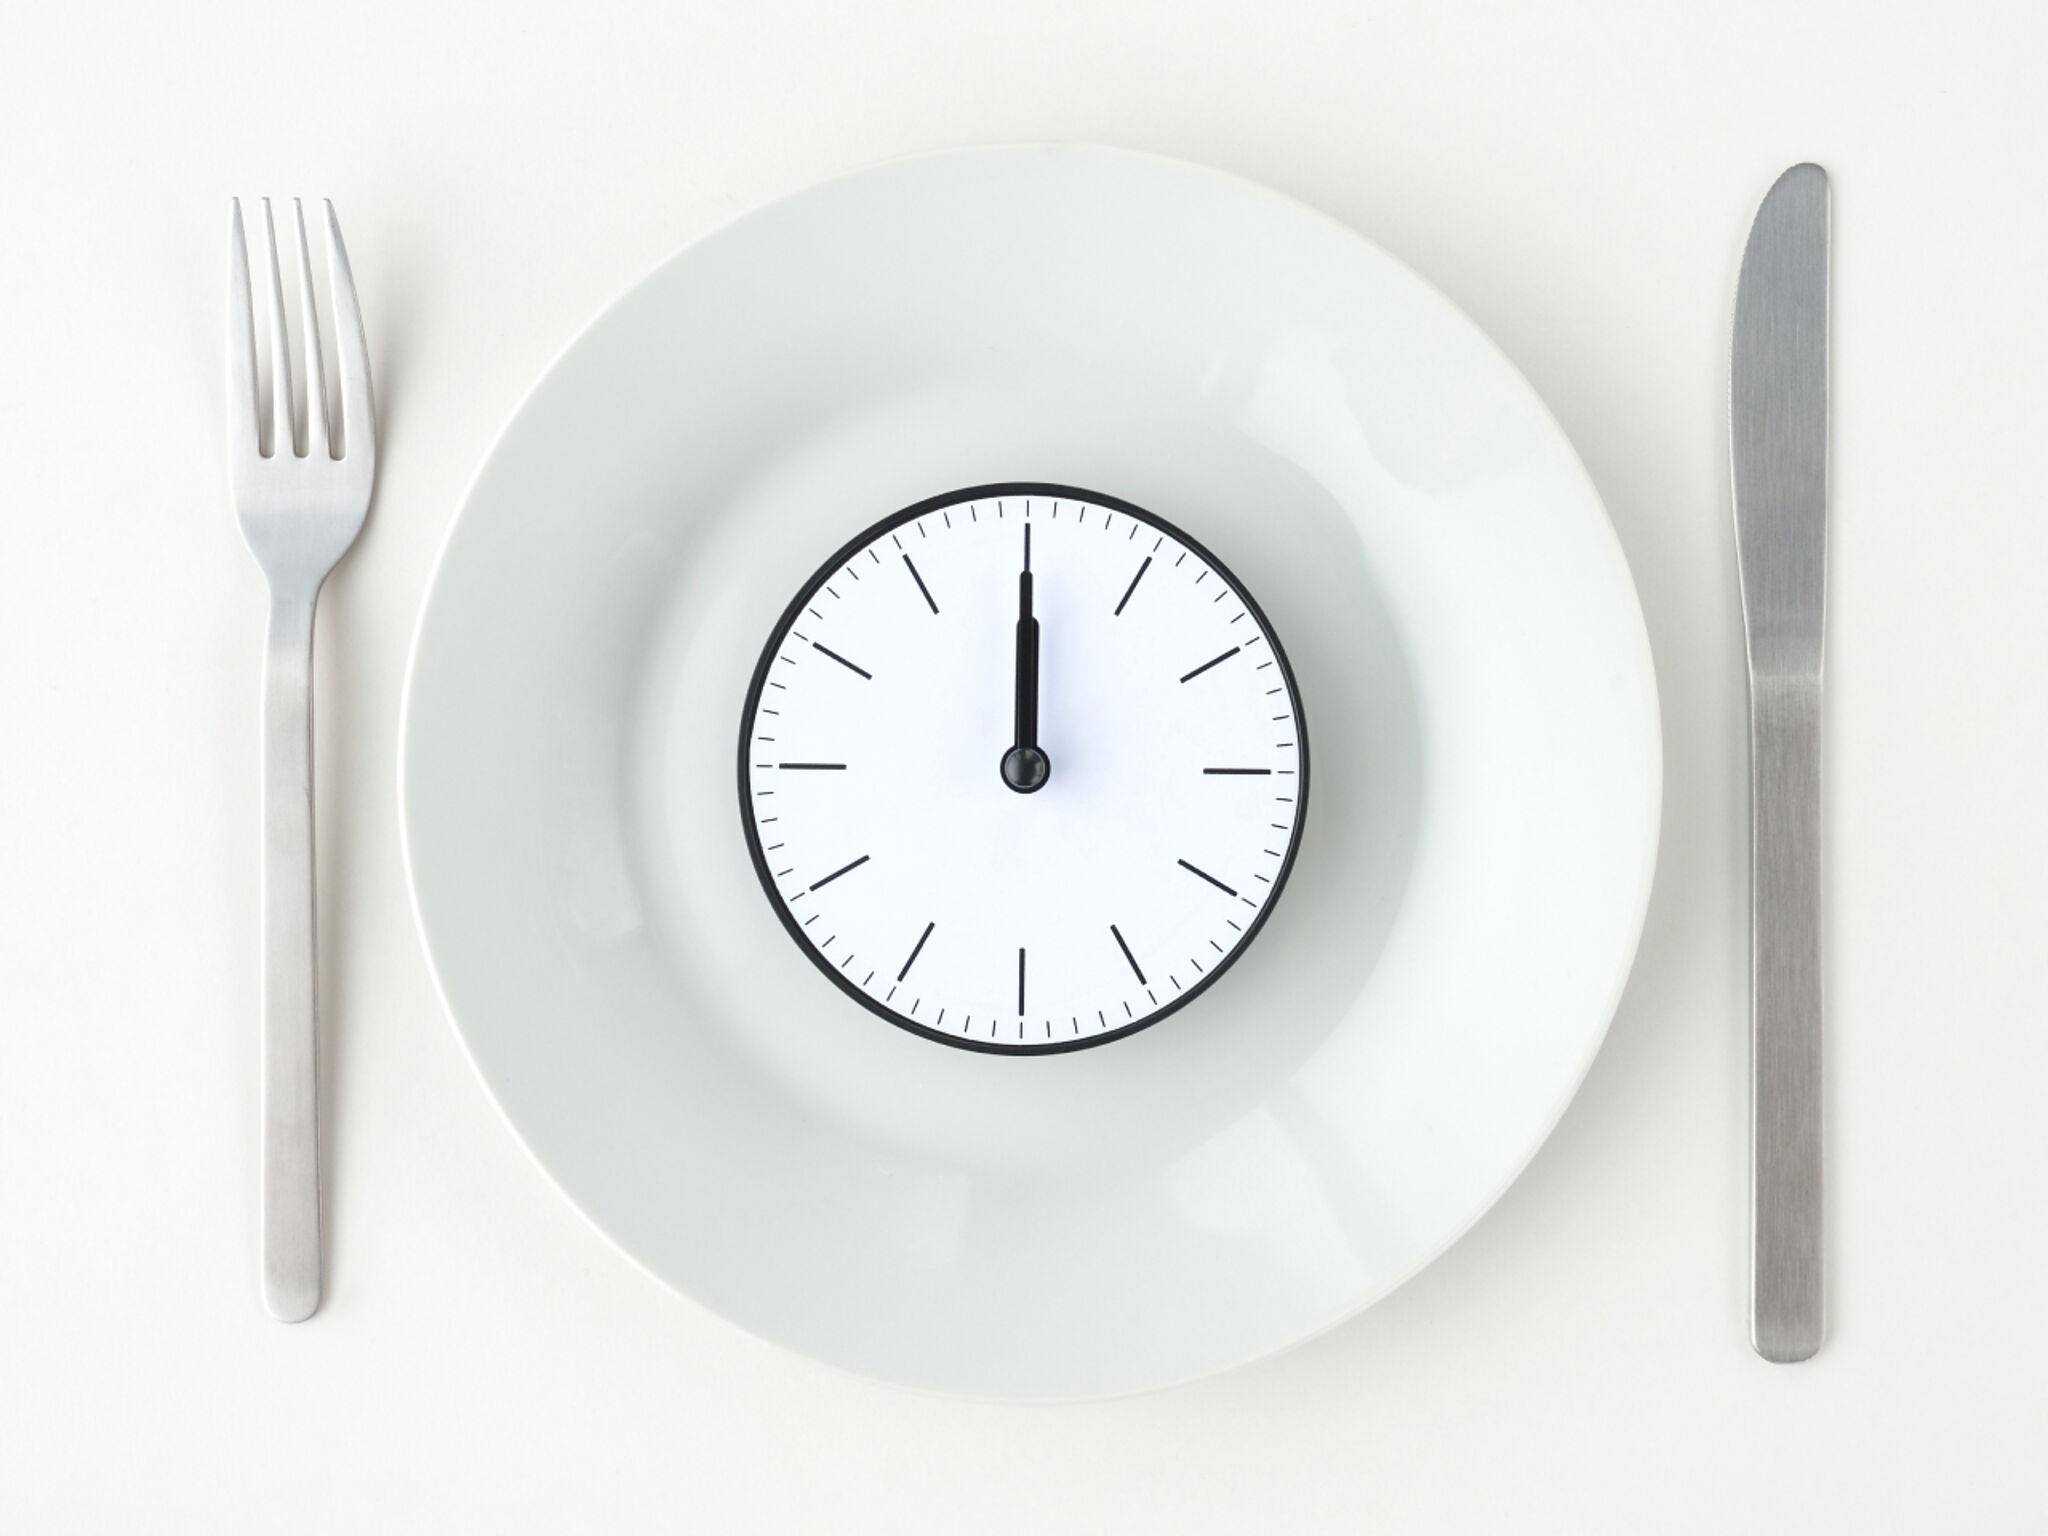 お皿の上にのあっている時計とカトラリーの画像